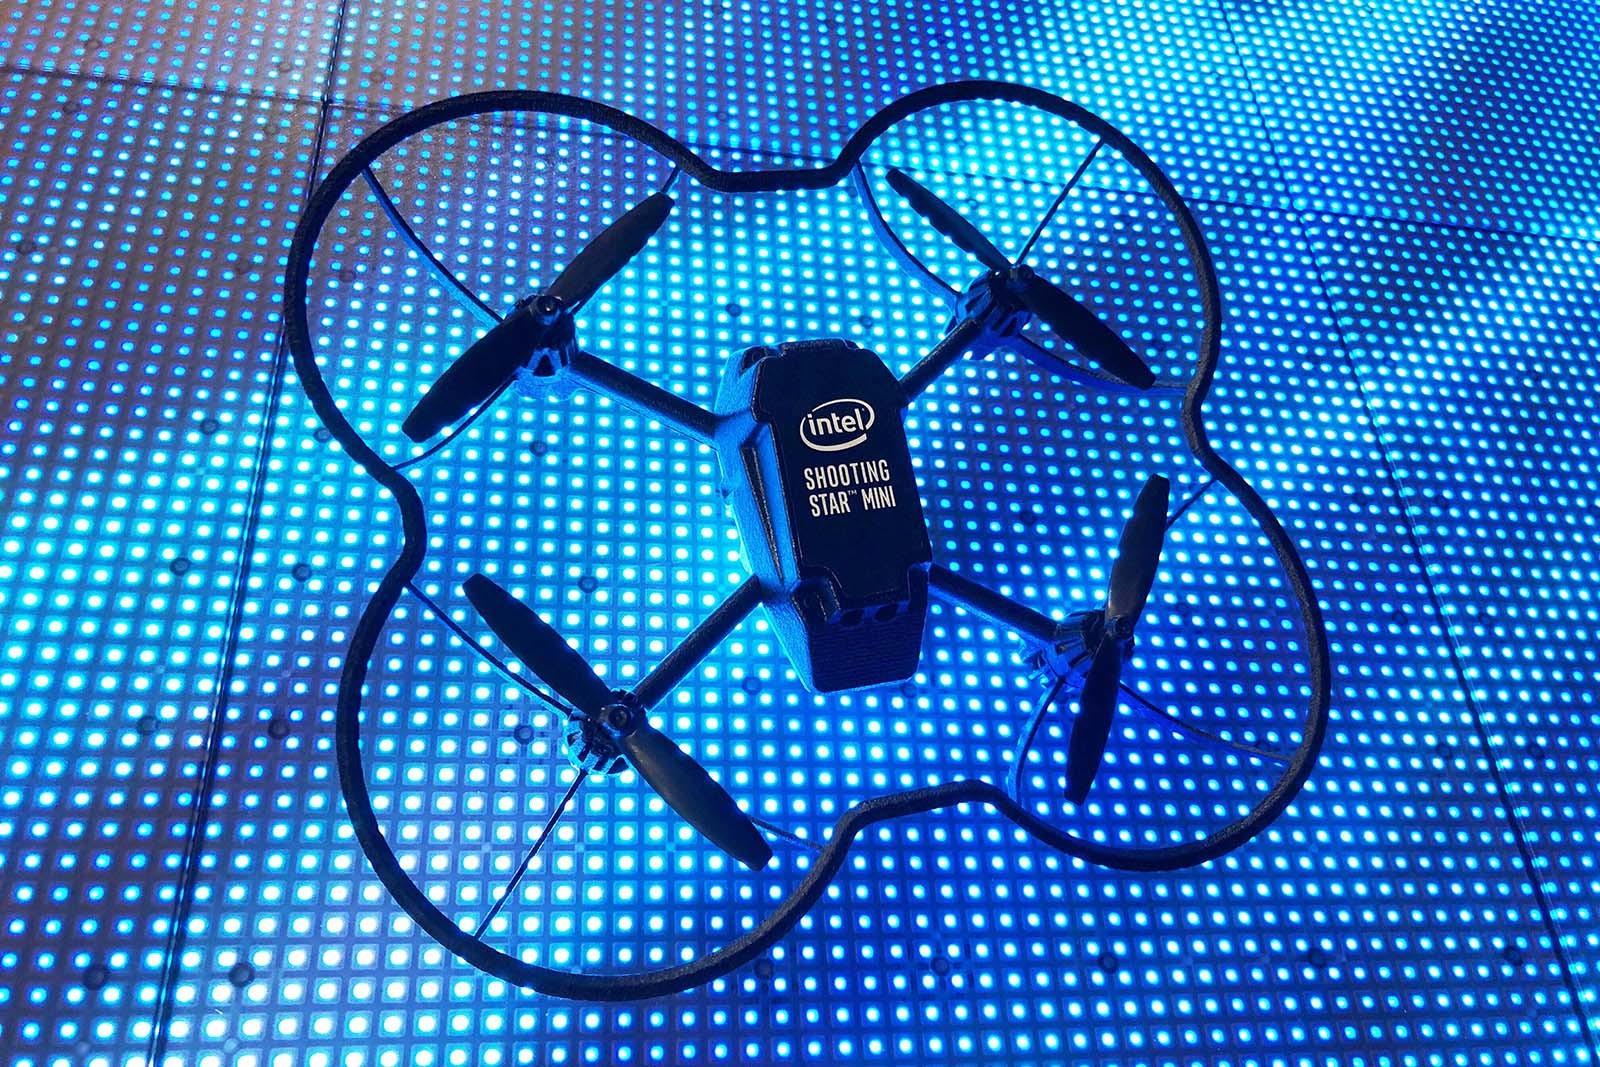 Intel mini drone Shooting Star